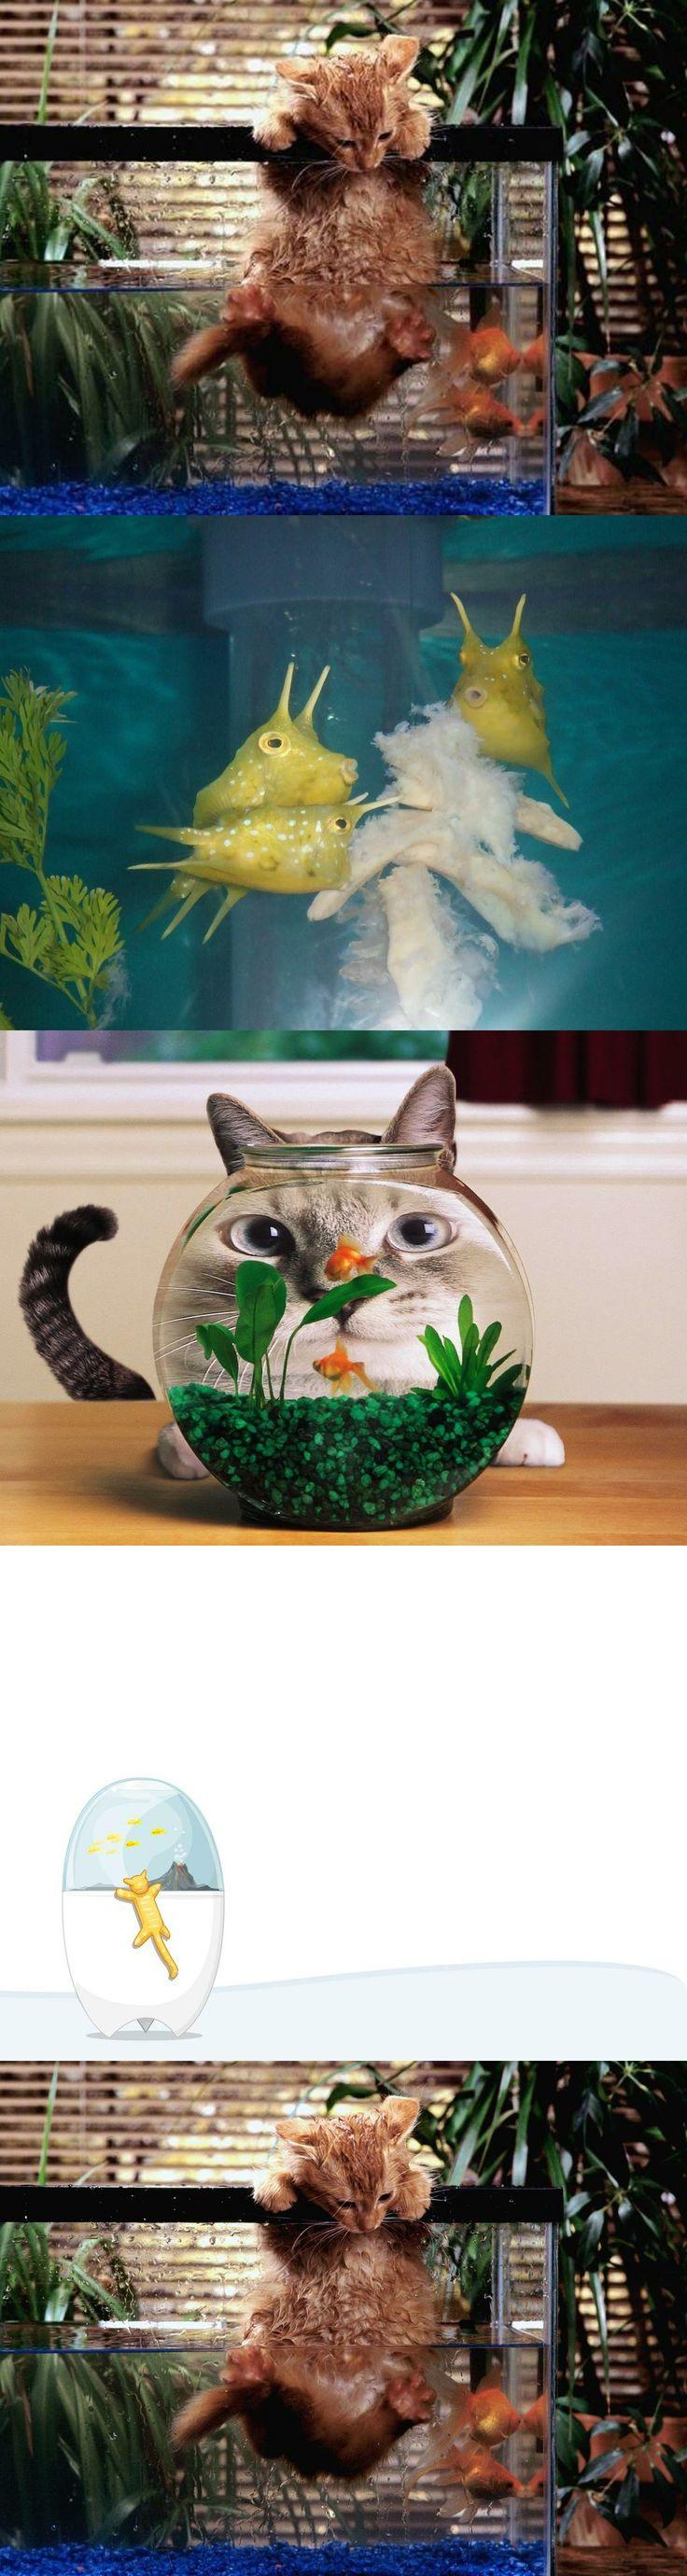 8444078afb729f69a3dde57d5d6f735a--aquarium-fish-hunting Frais De Fabriquer Aquarium Concept